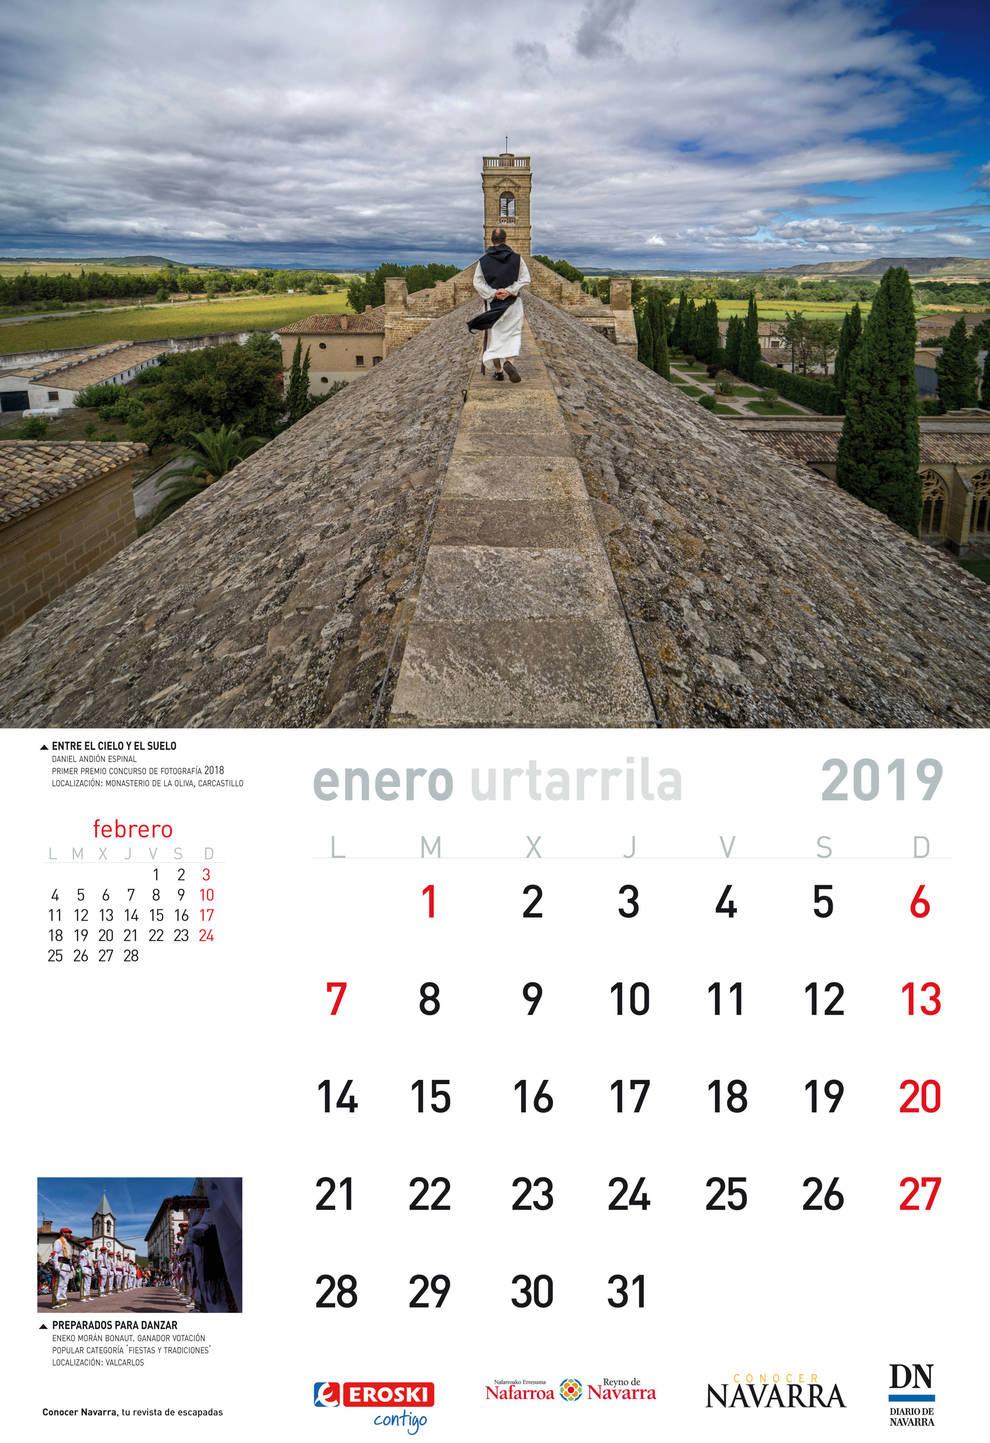 Calendario Diario.El Domingo 16 Gratis Con Diario De Navarra El Calendario